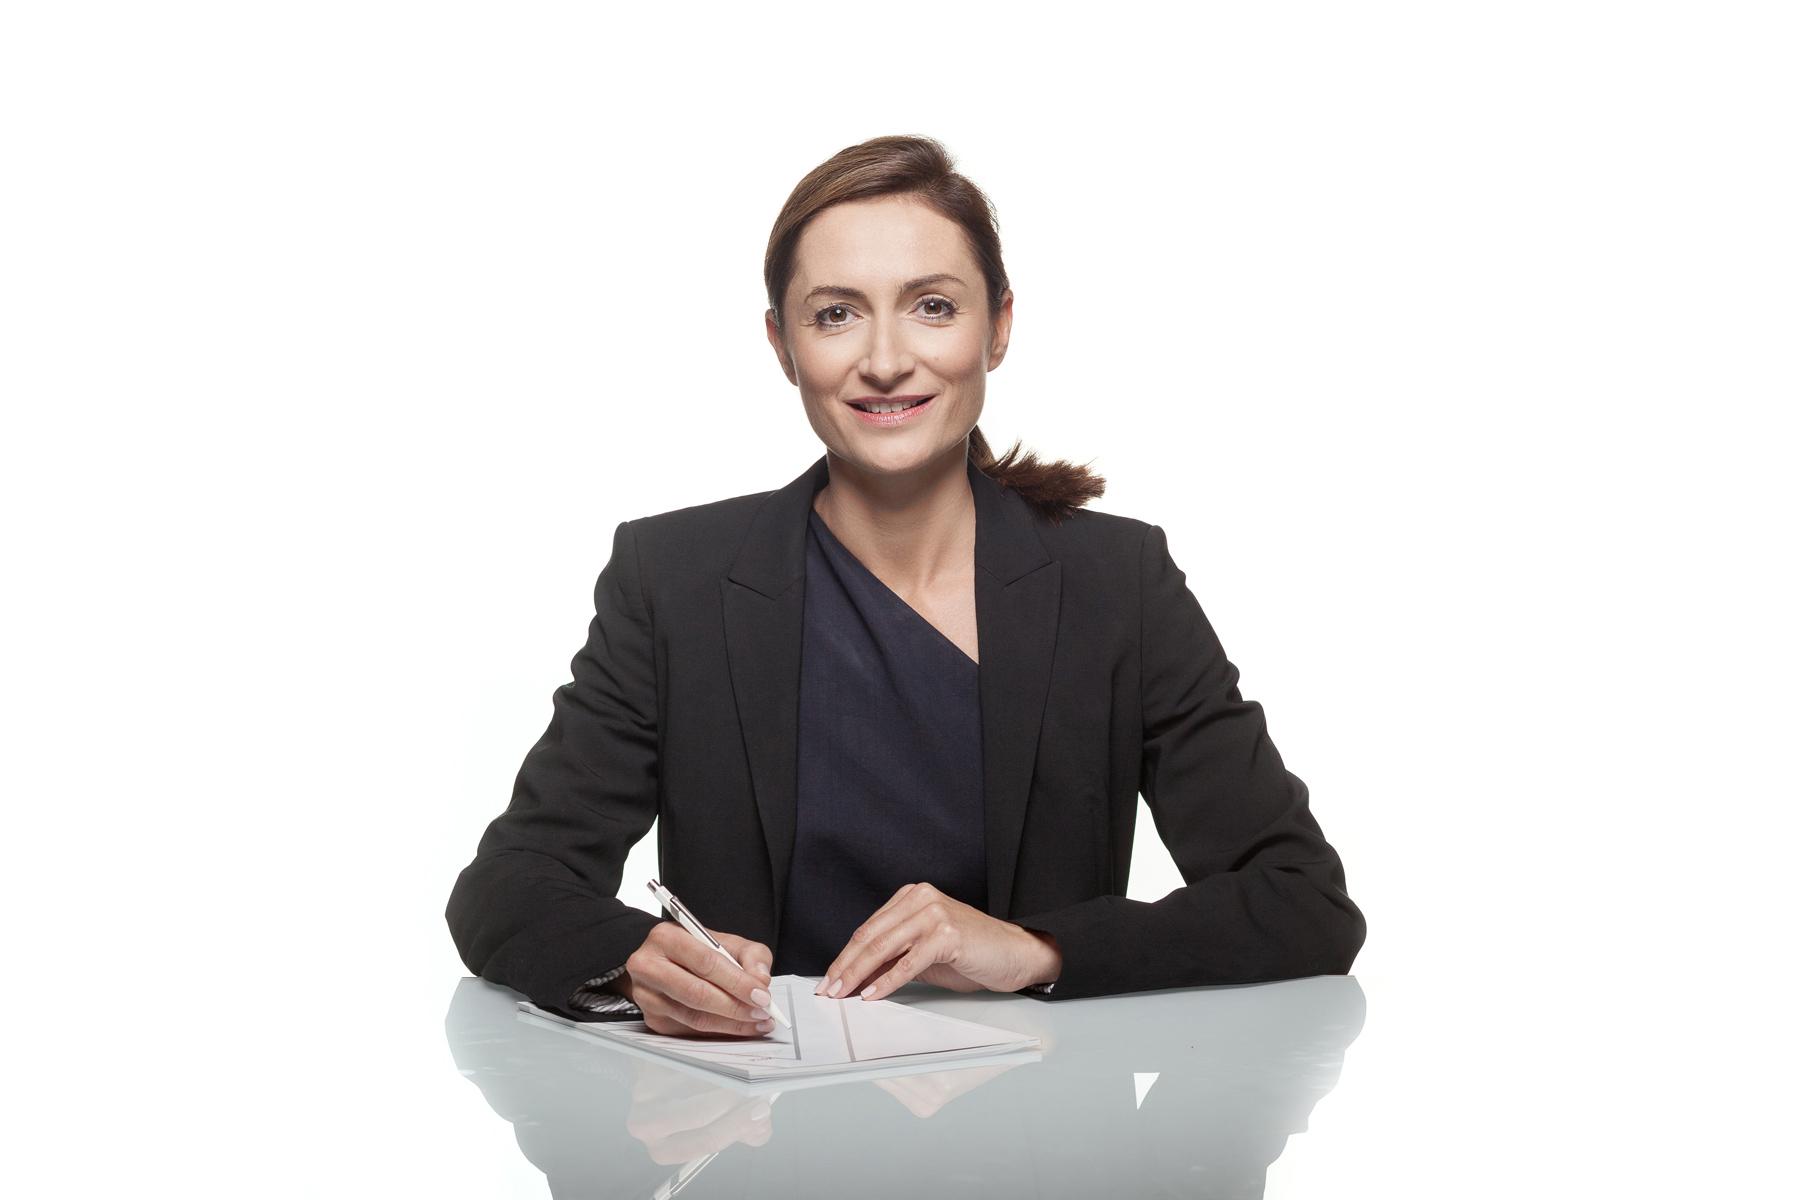 Business-Frau am Schreibtisch, fotografiert im Studio in Wien von Reza Sarkari